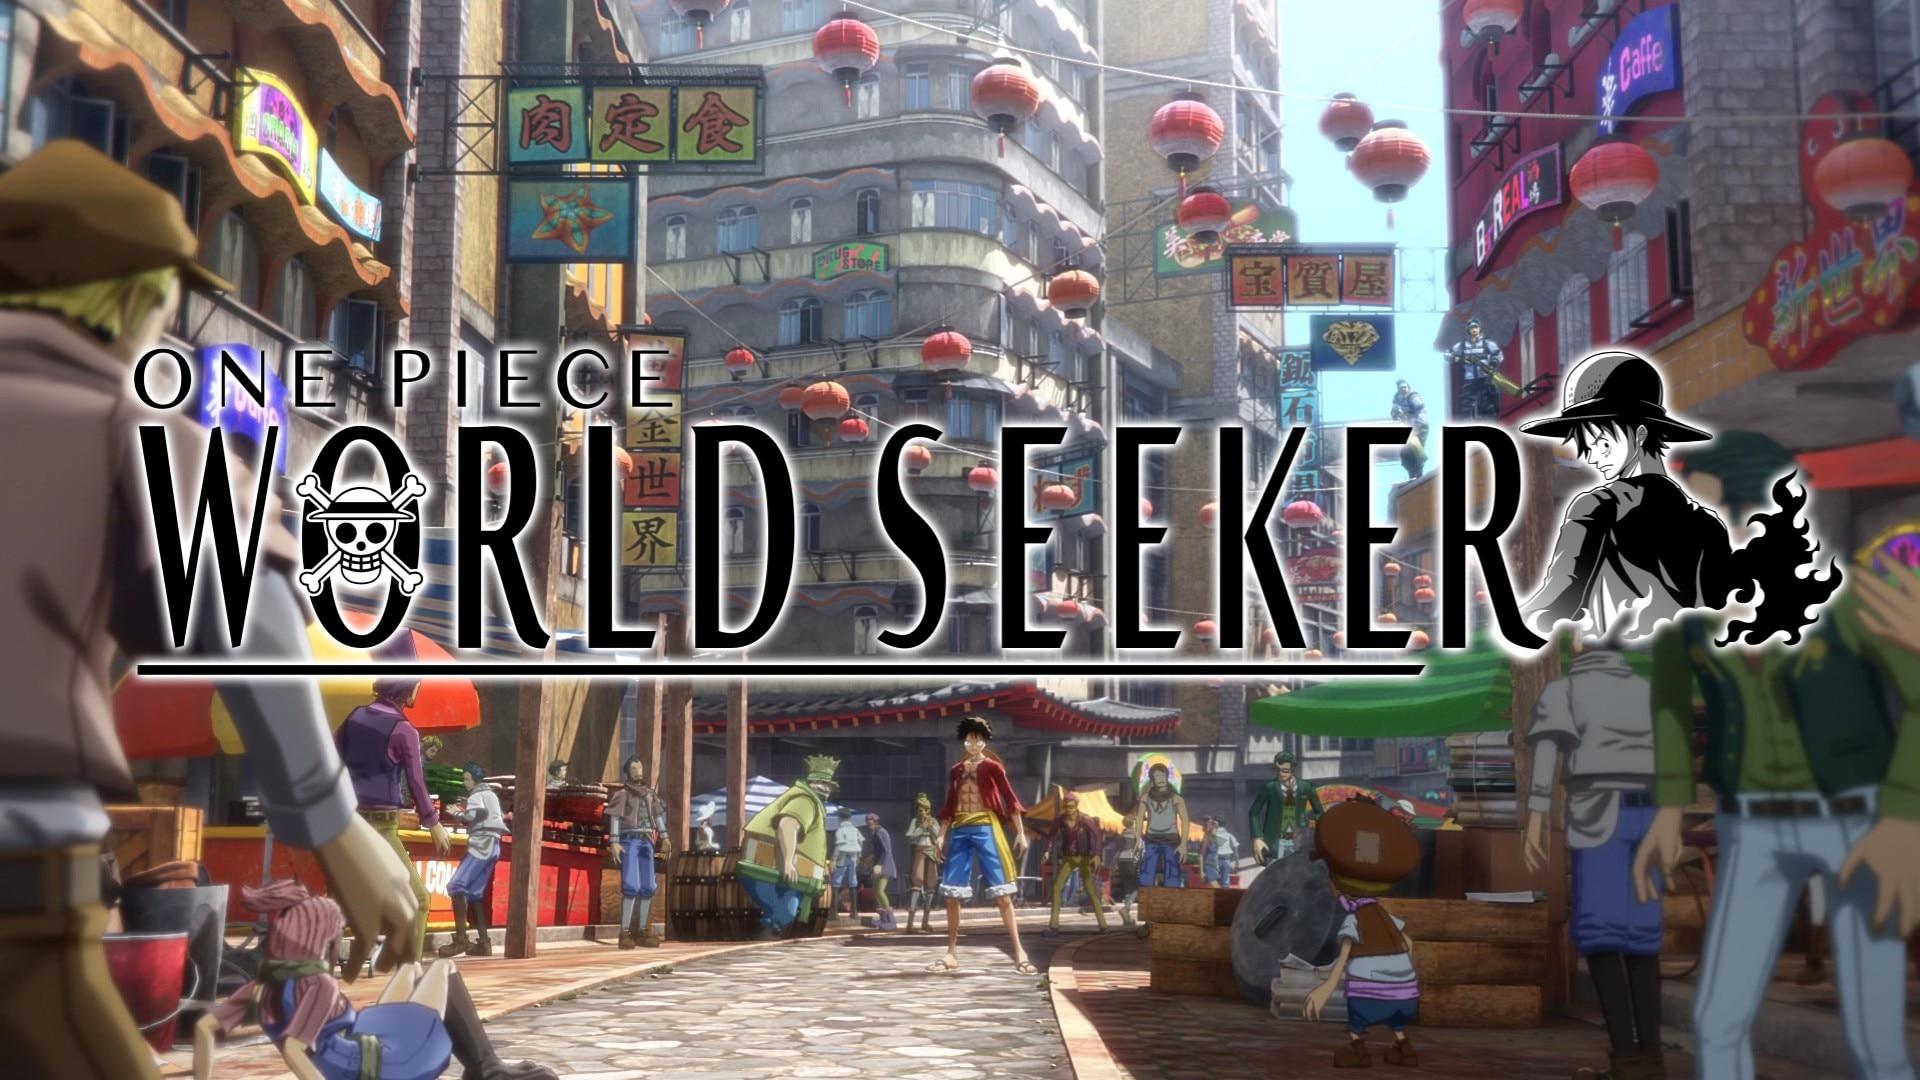 最新动作游戏《海贼王:世界探索者》海贼王游戏 海贼王游戏PC单机版下载